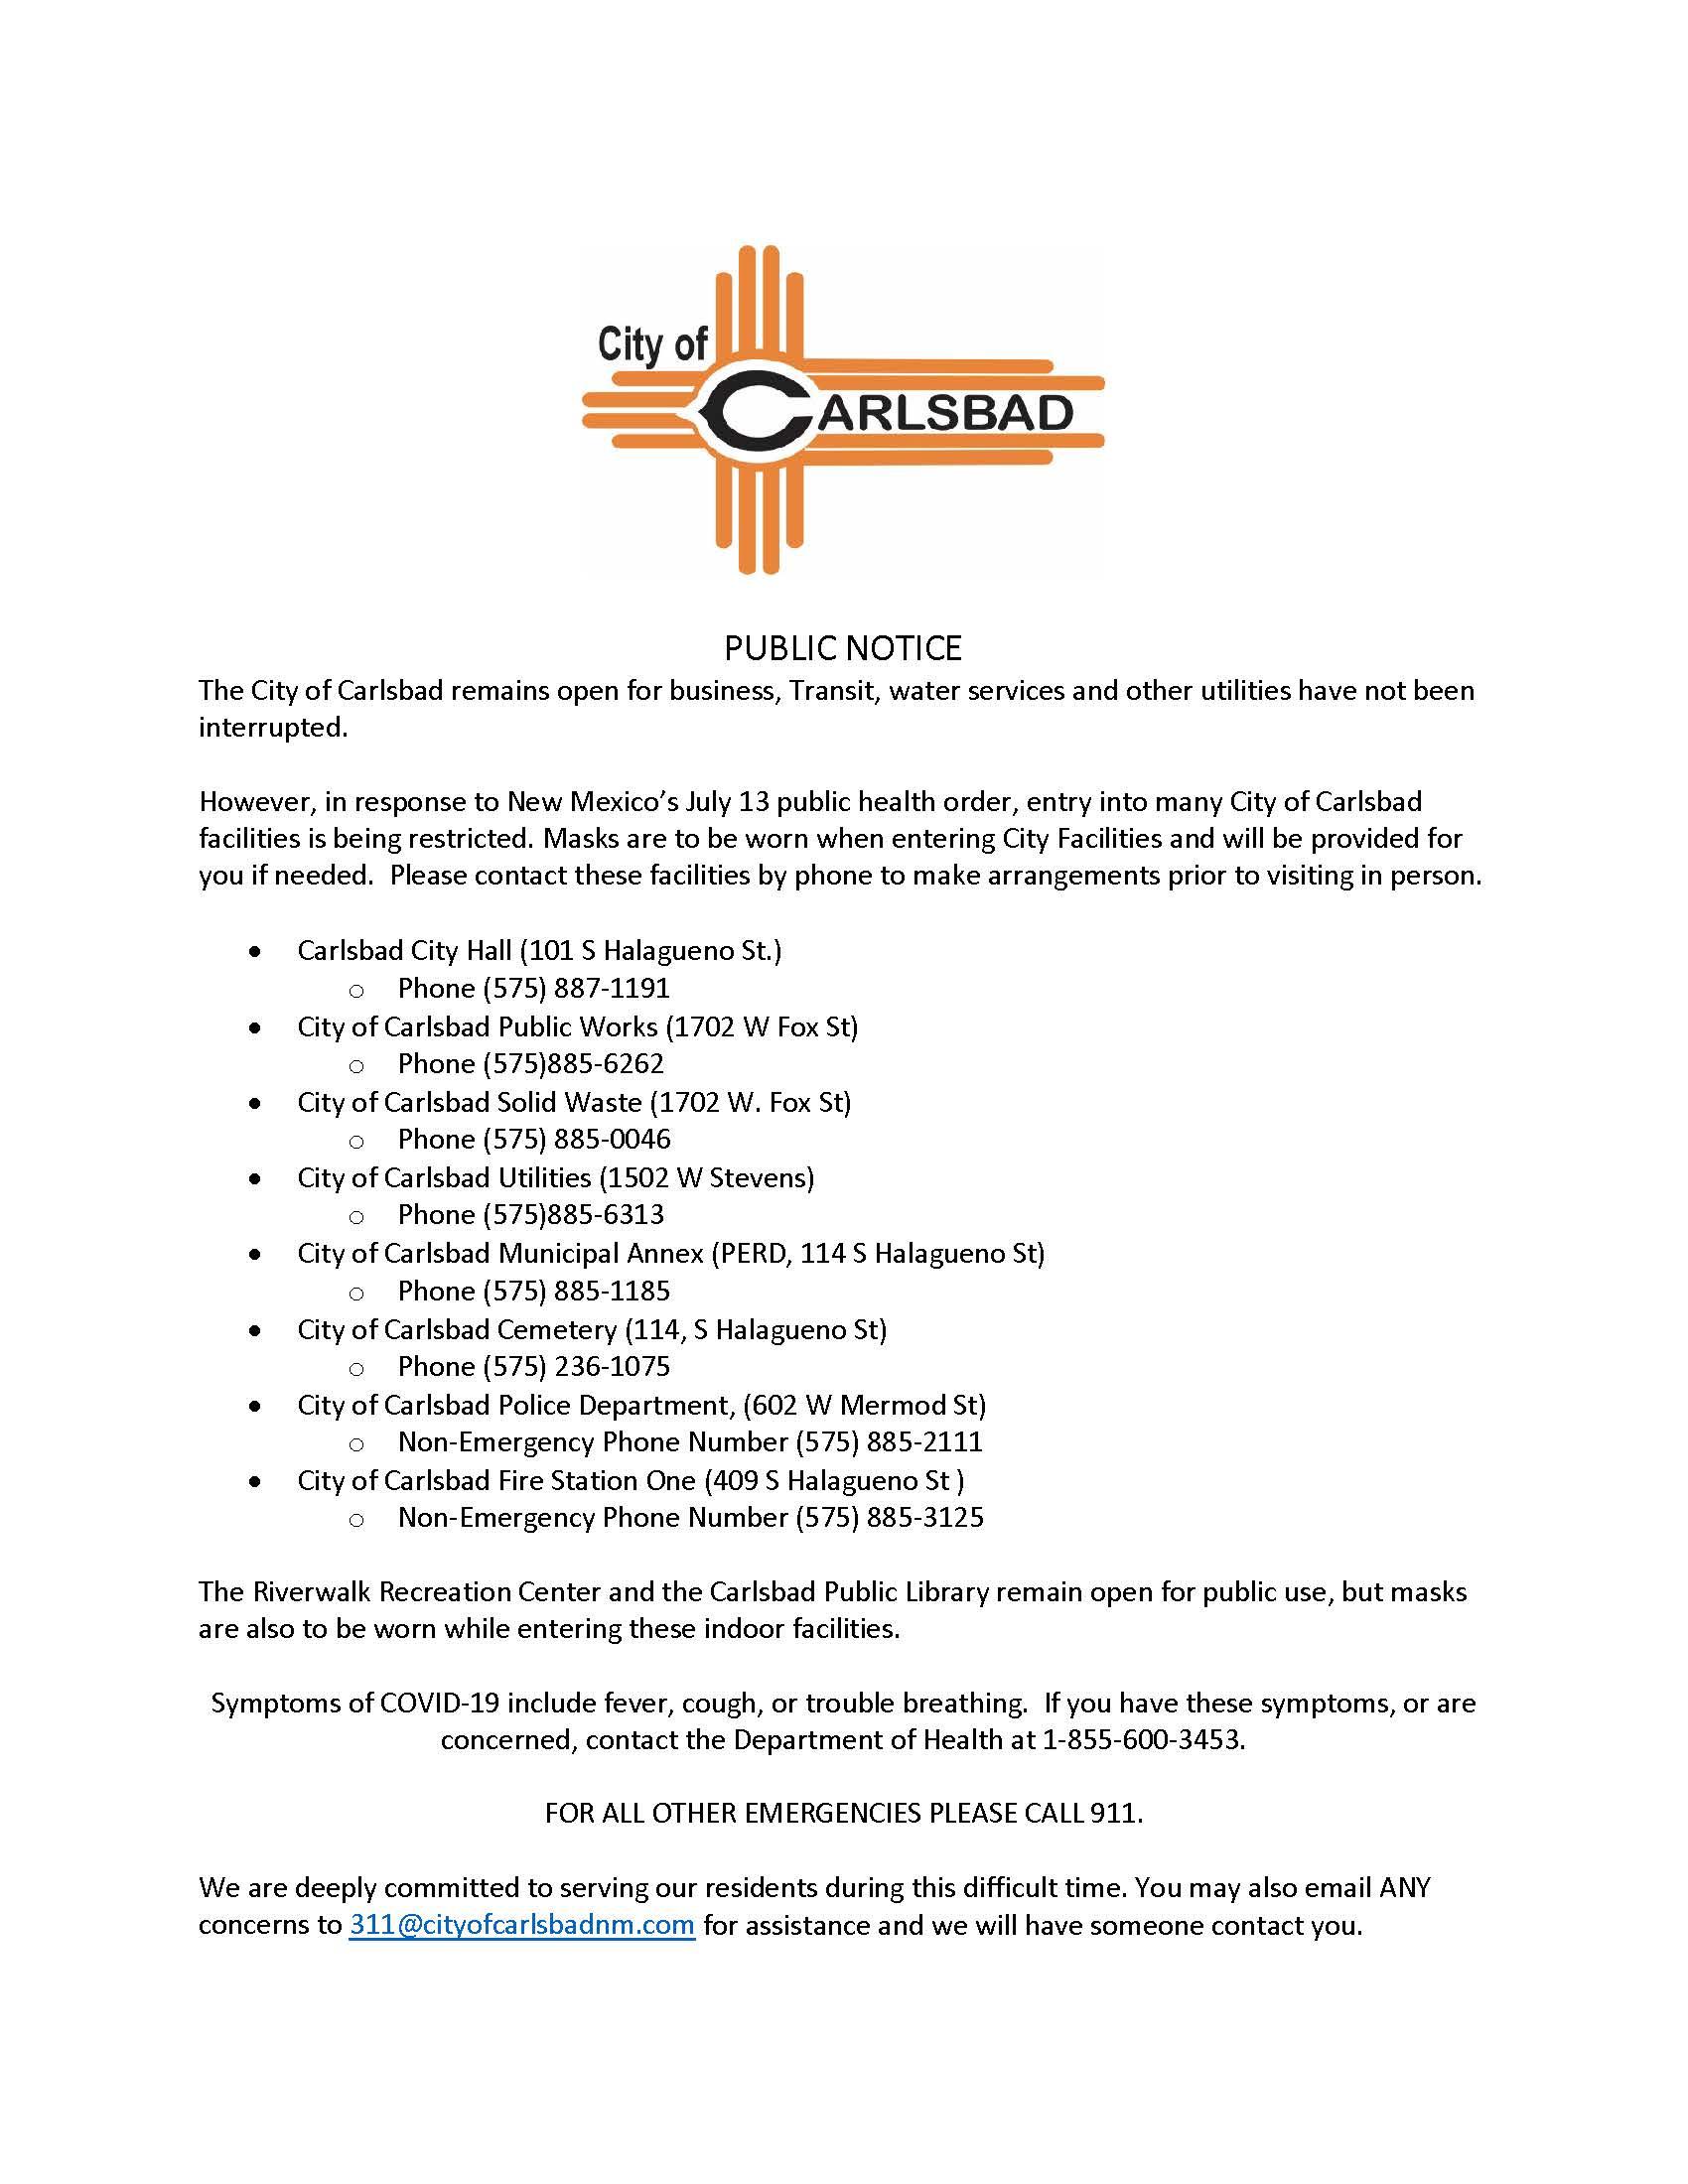 COVID-19 news update 8-19-20